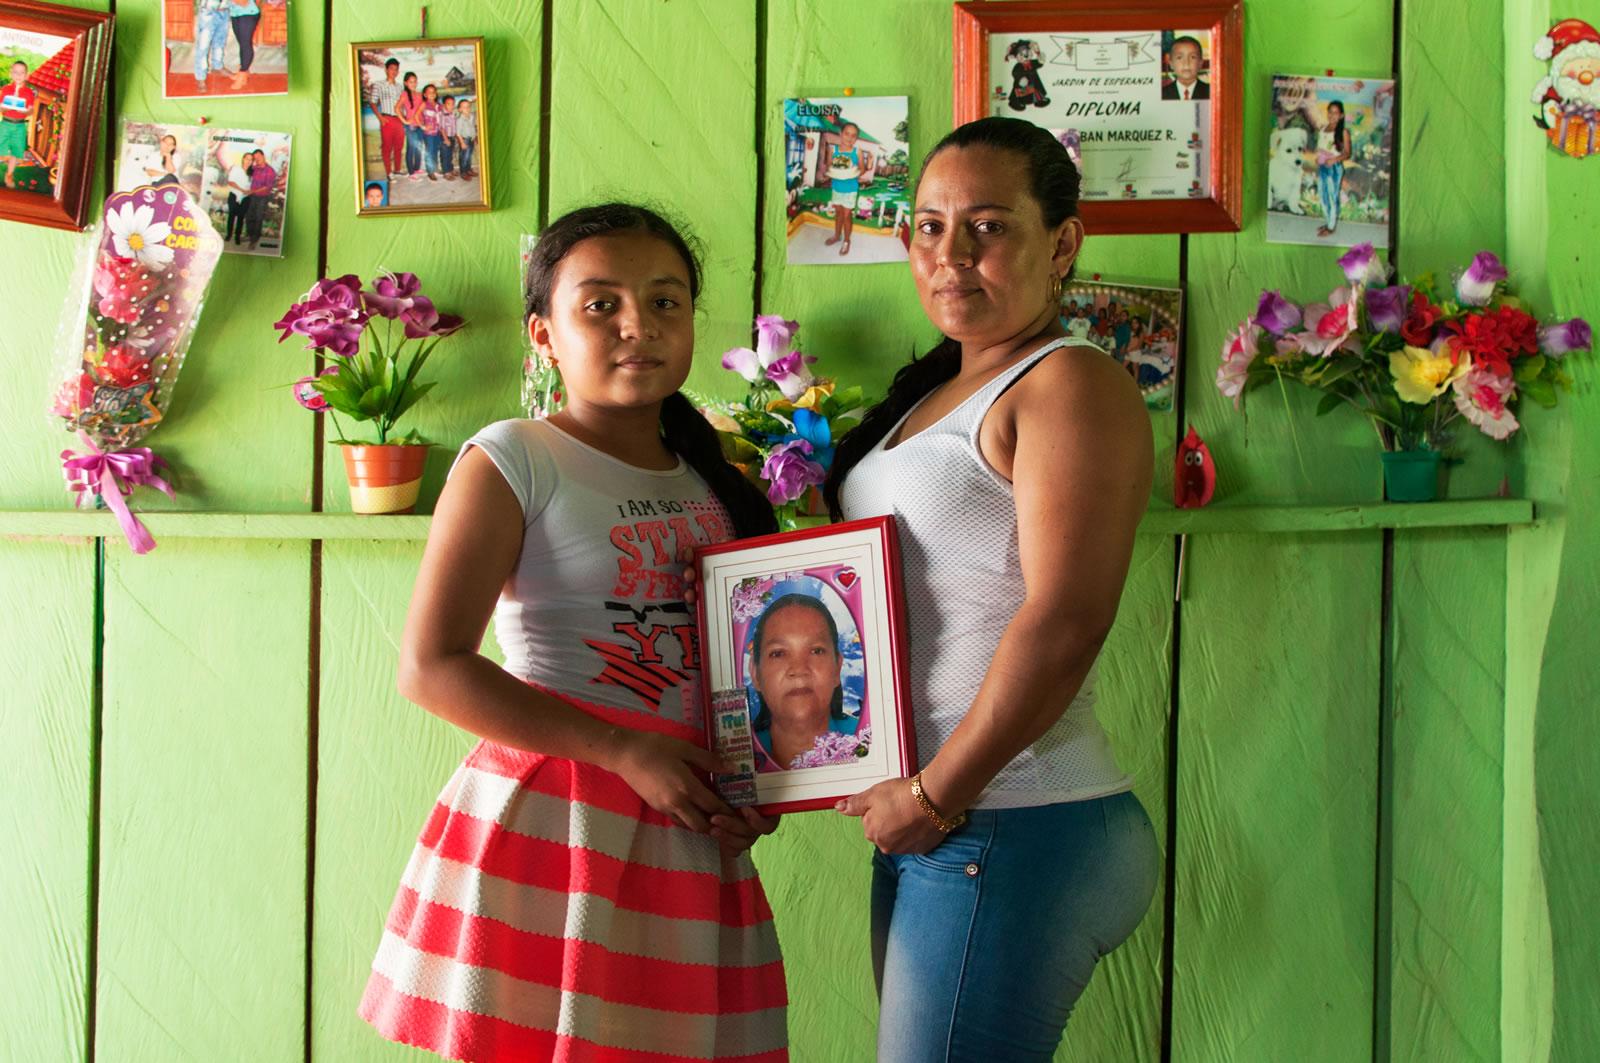 La osadía de ser mujer rural en Colombia